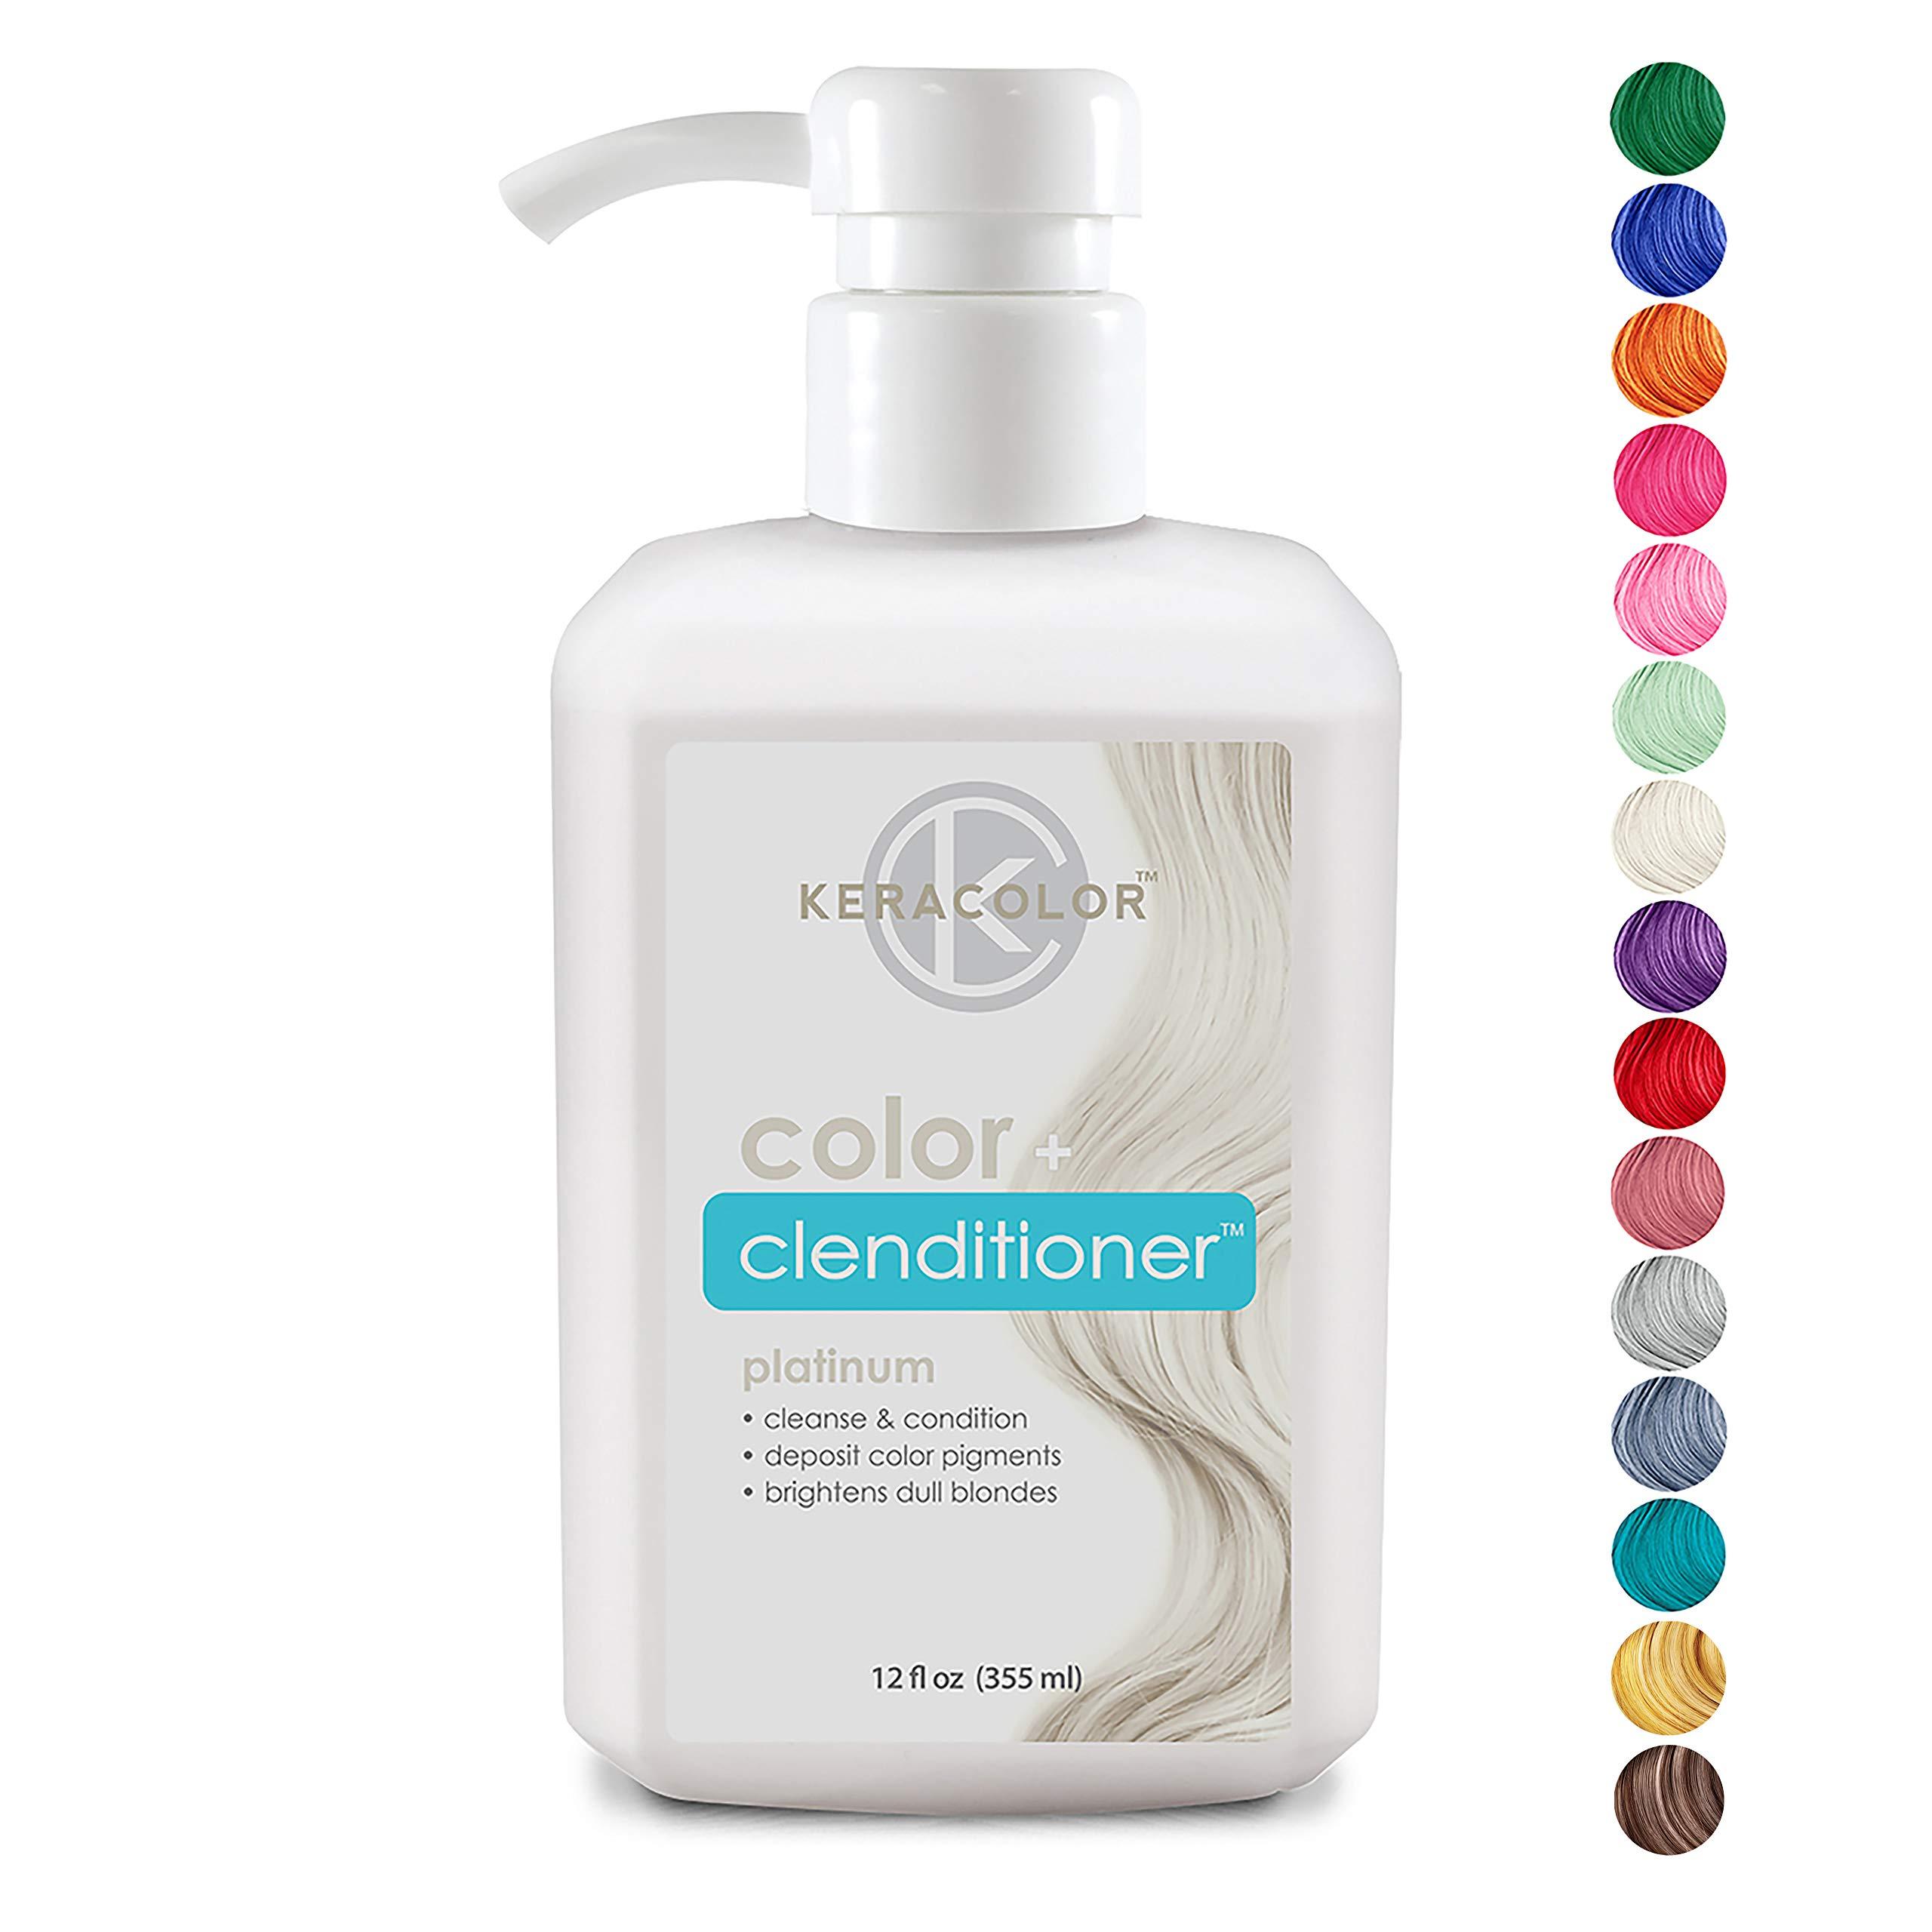 Keracolor Clenditioner Depositing Conditioner Colorwash